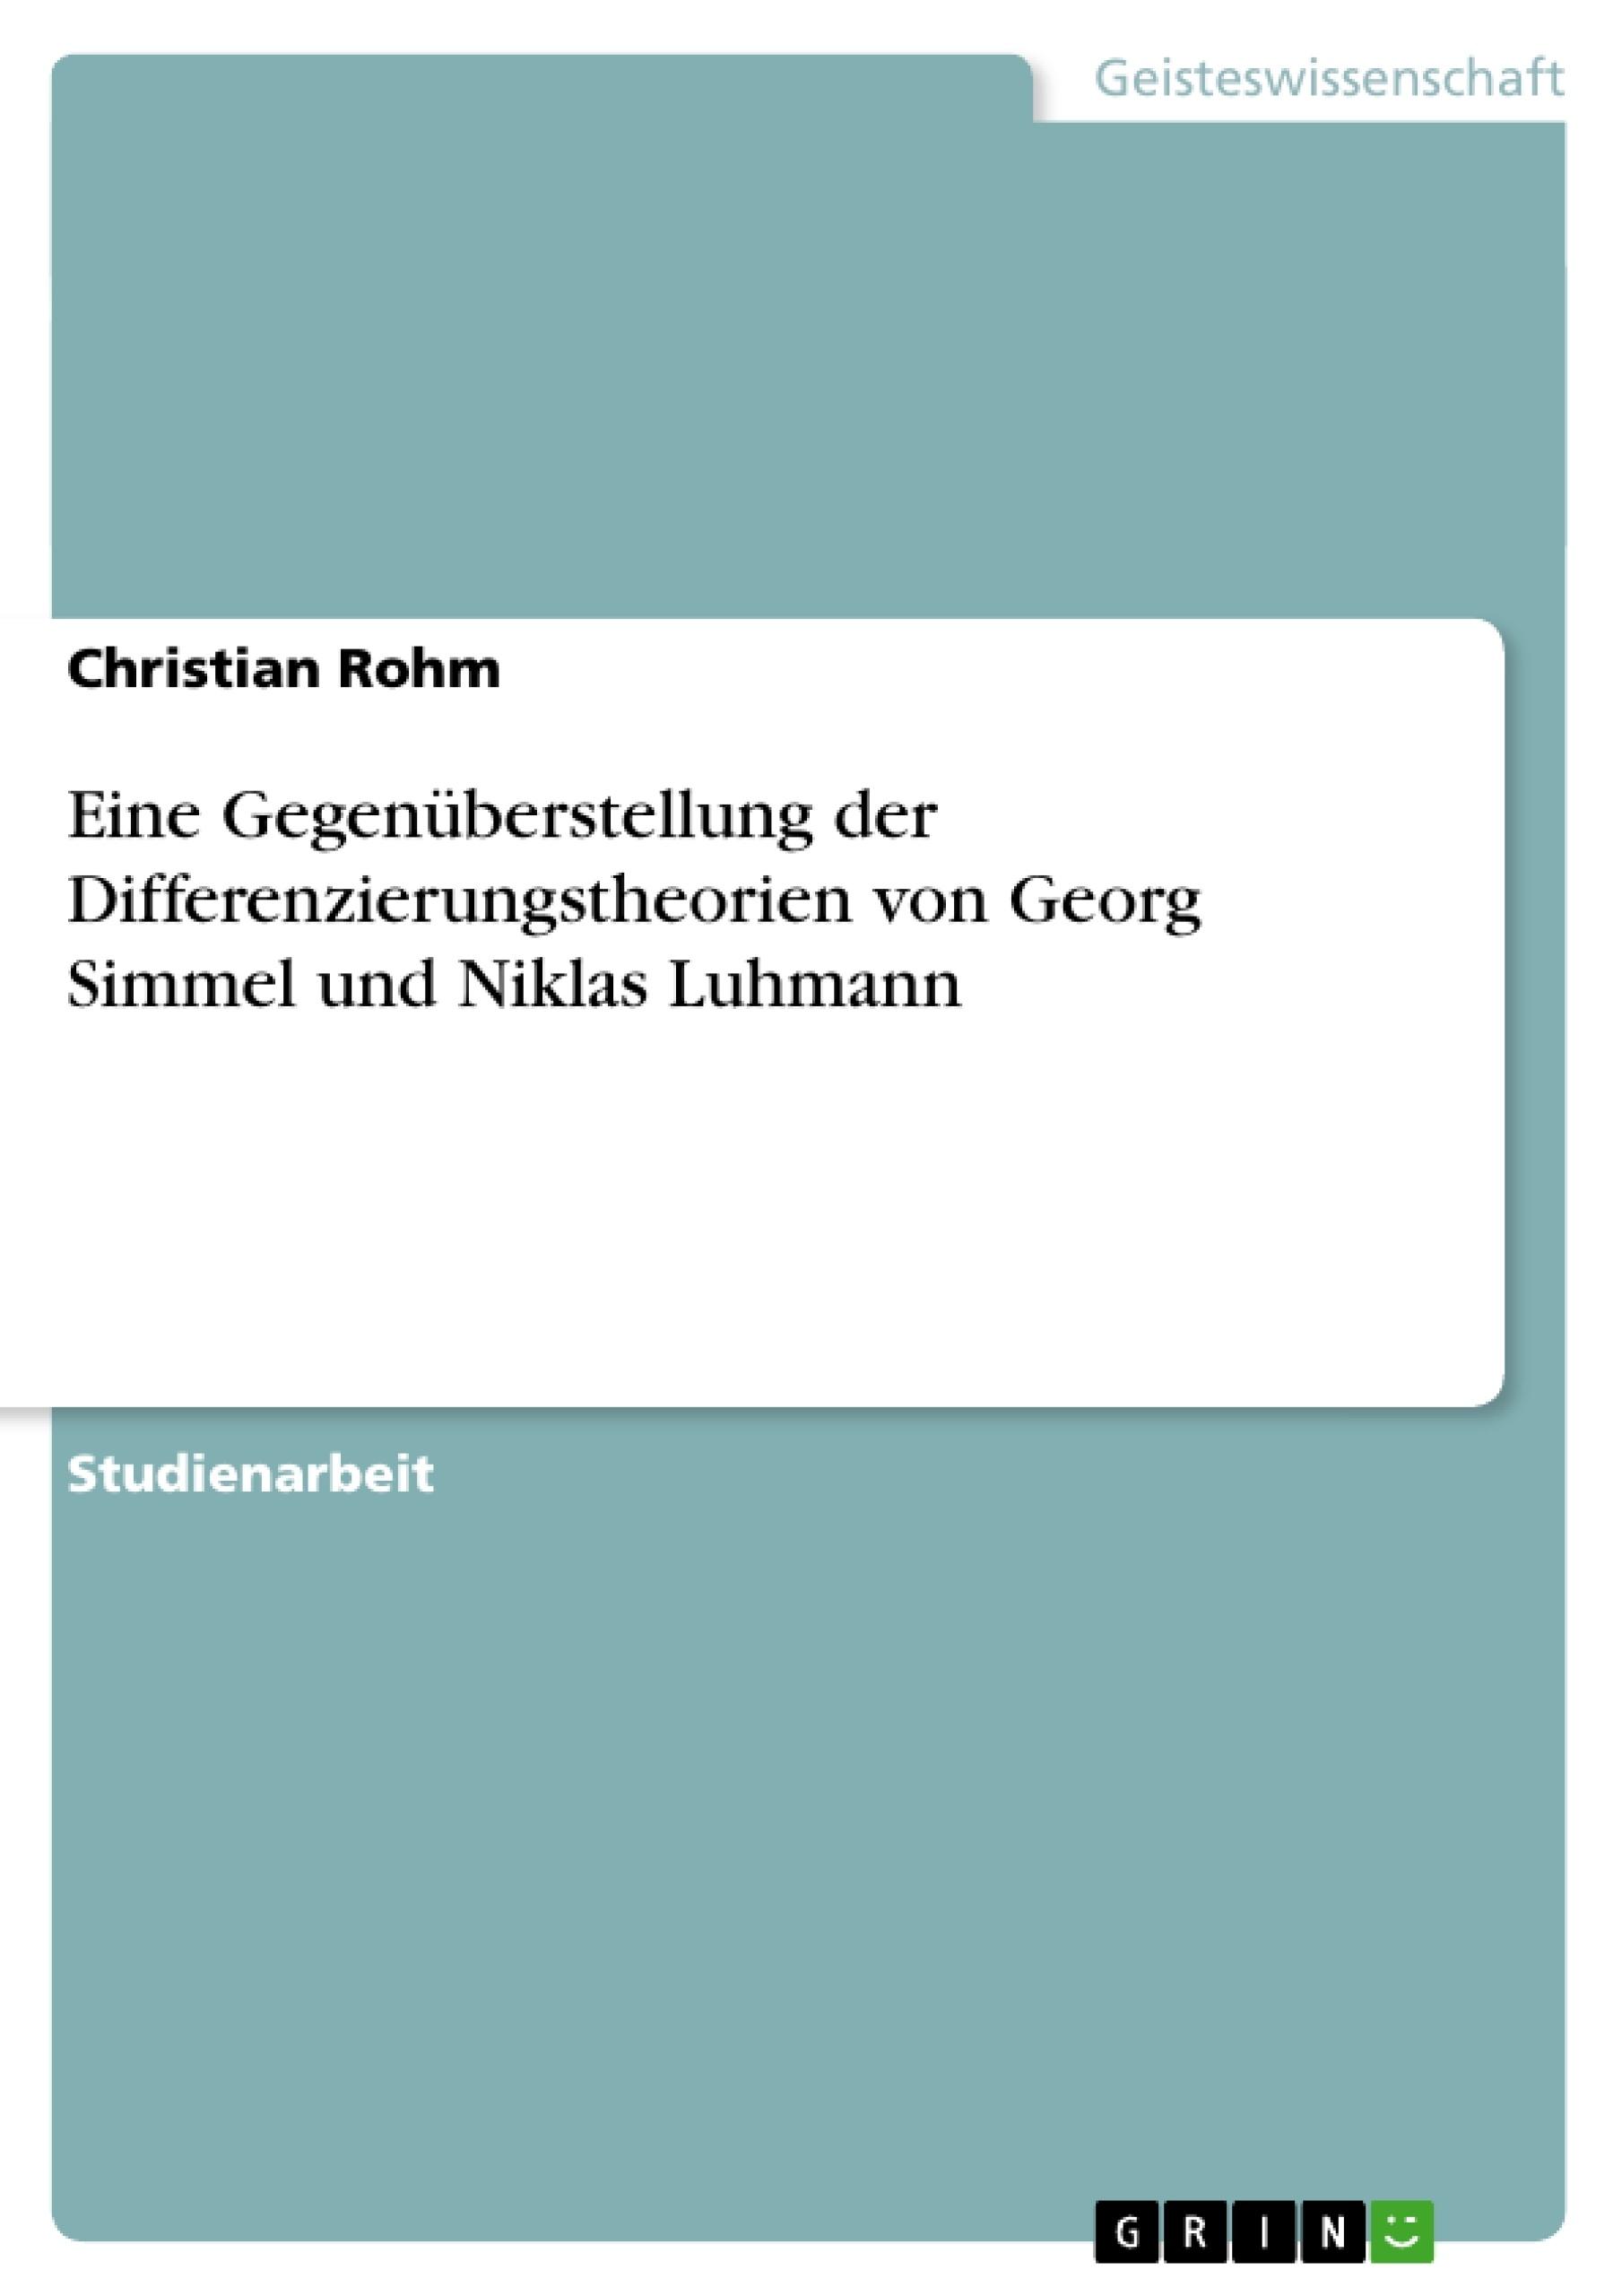 Titel: Eine Gegenüberstellung der  Differenzierungstheorien von Georg Simmel und Niklas Luhmann